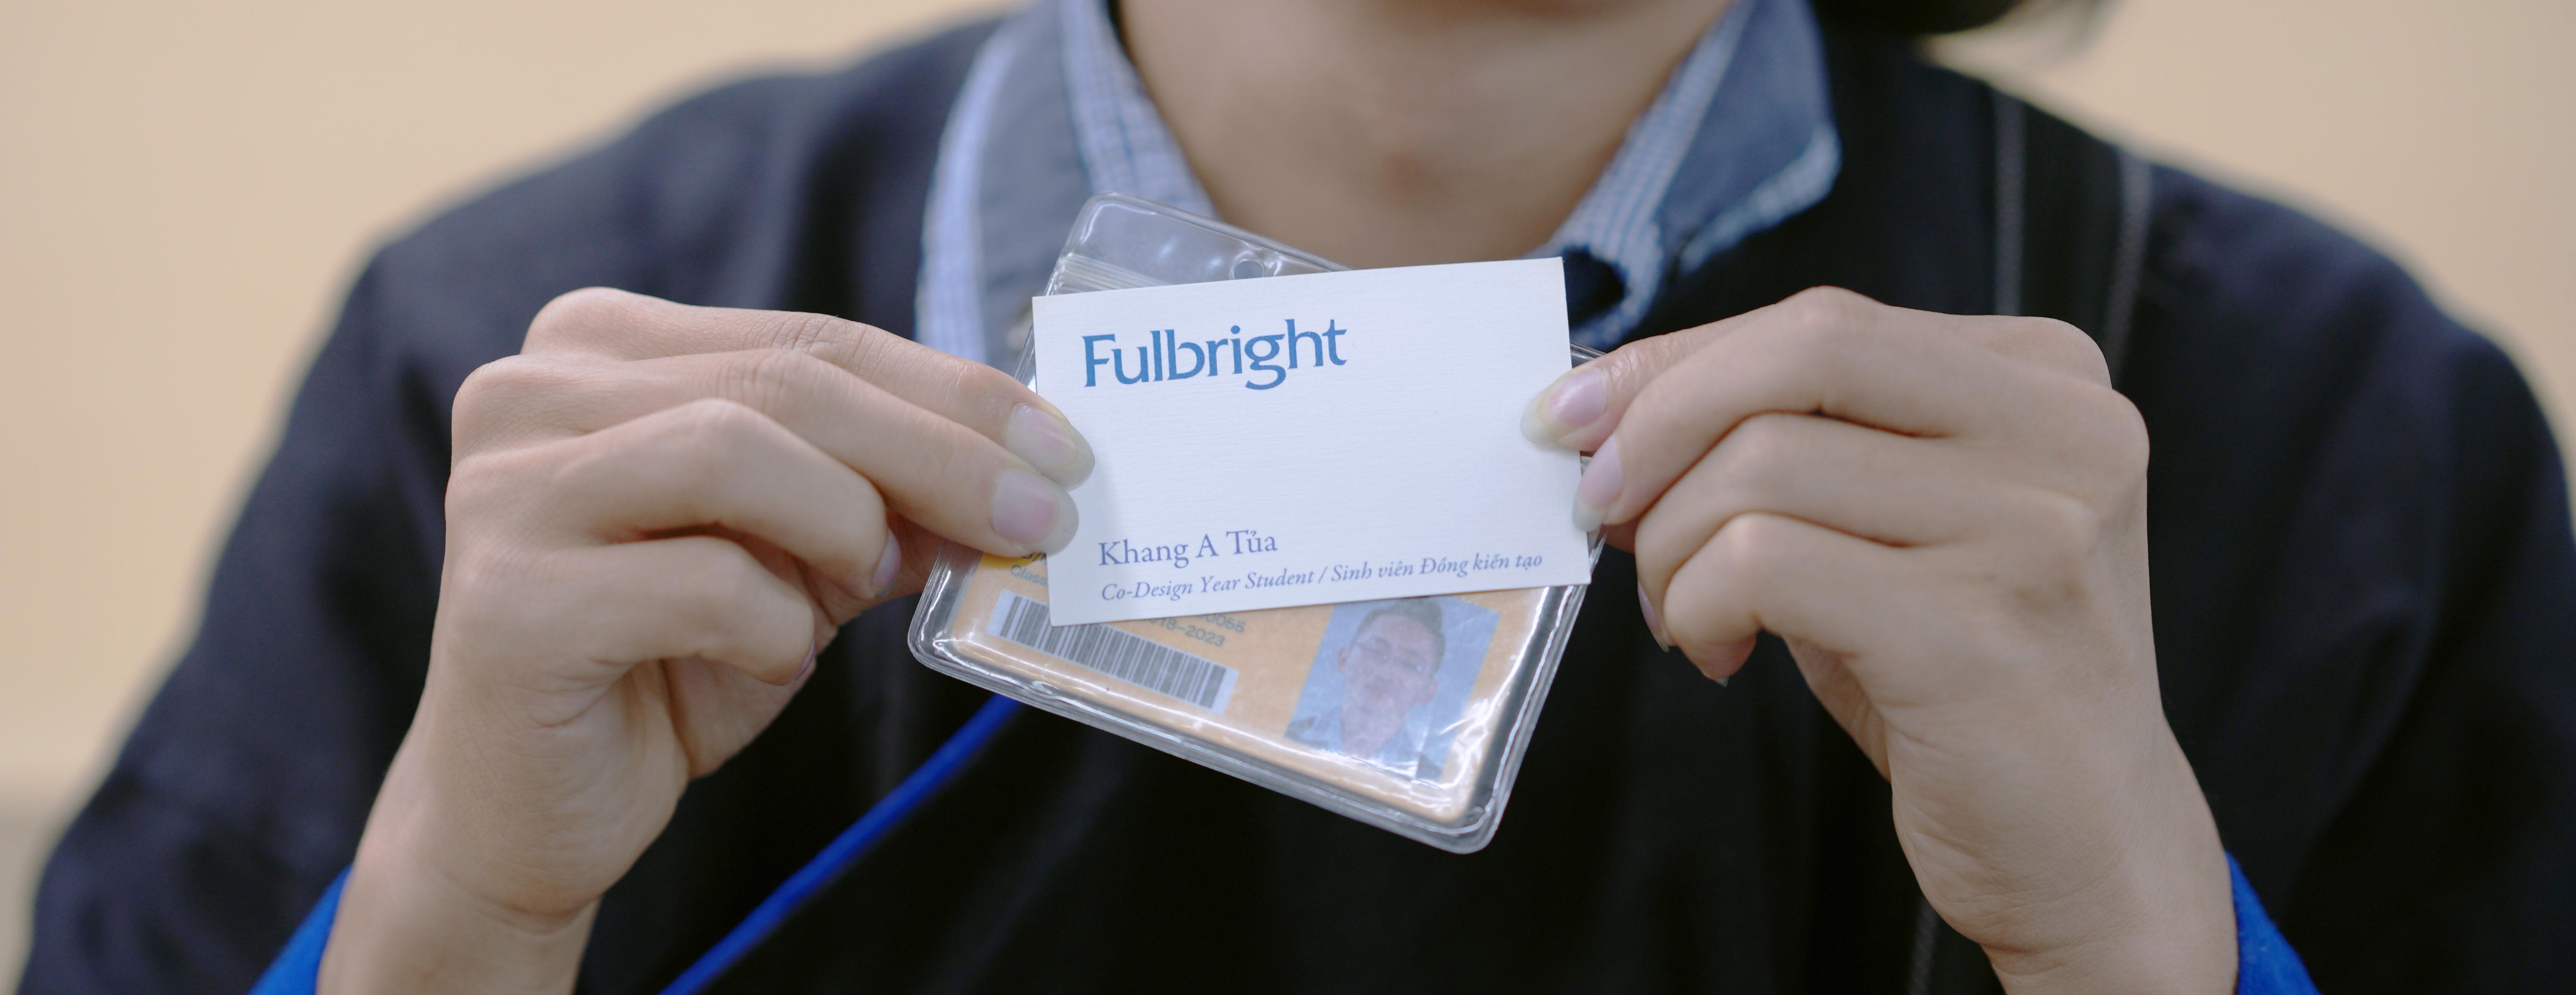 Con đường lạ lùng đến ĐH danh giá Fulbright của chàng trai người Mông dám bỏ ĐH Bách Khoa - Ảnh 17.